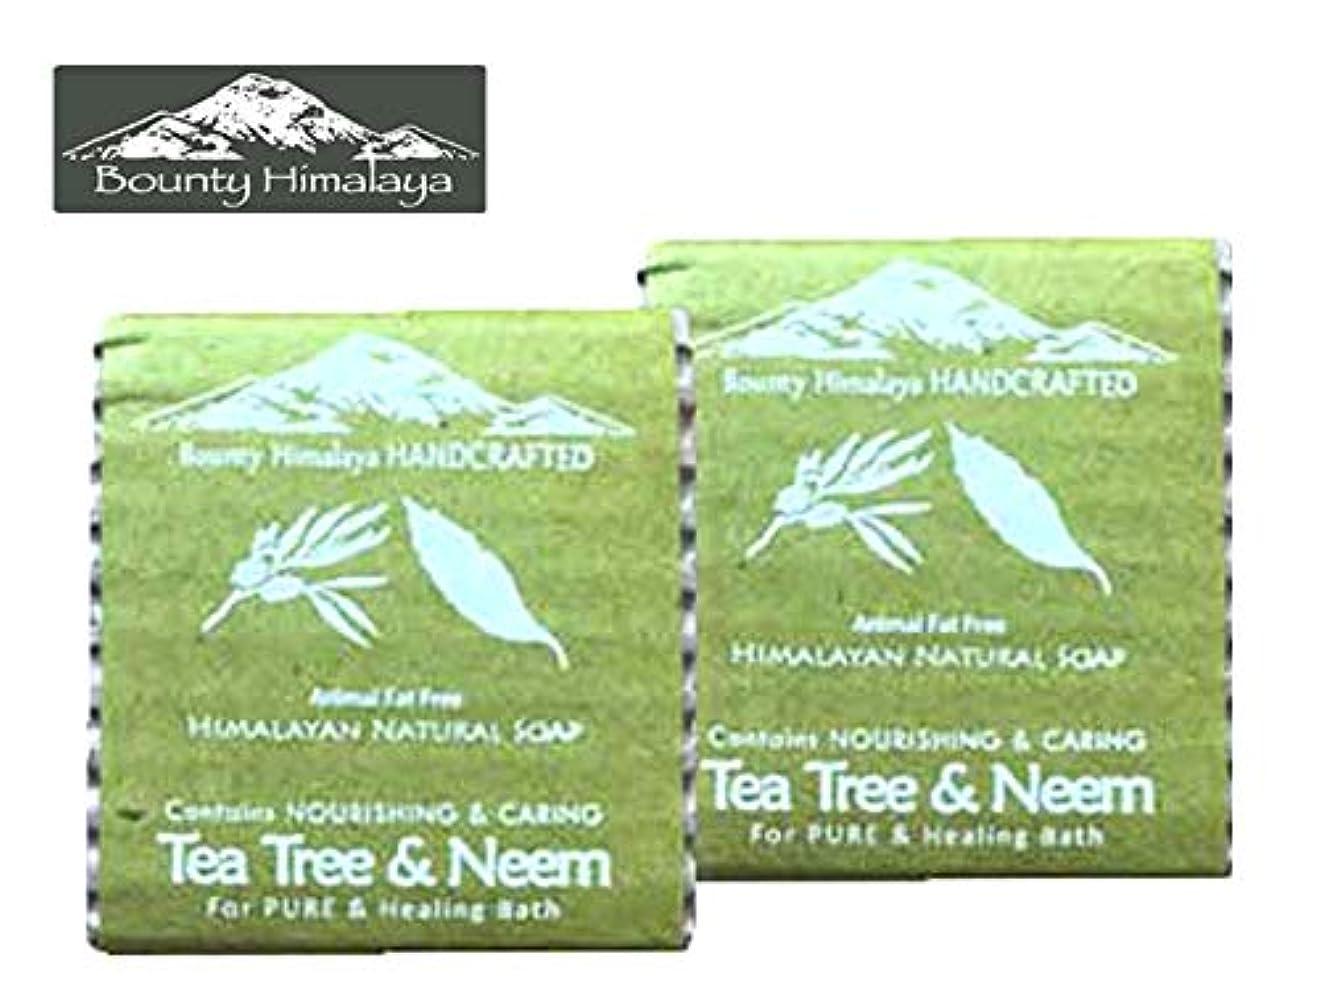 帝国主義兵士肌アーユルヴェーダ ヒマラヤ ティーツリー?ニーム ソープ2セット Bounty Himalaya Tea Tree & Neem SOAP(NEPAL AYURVEDA) 100g